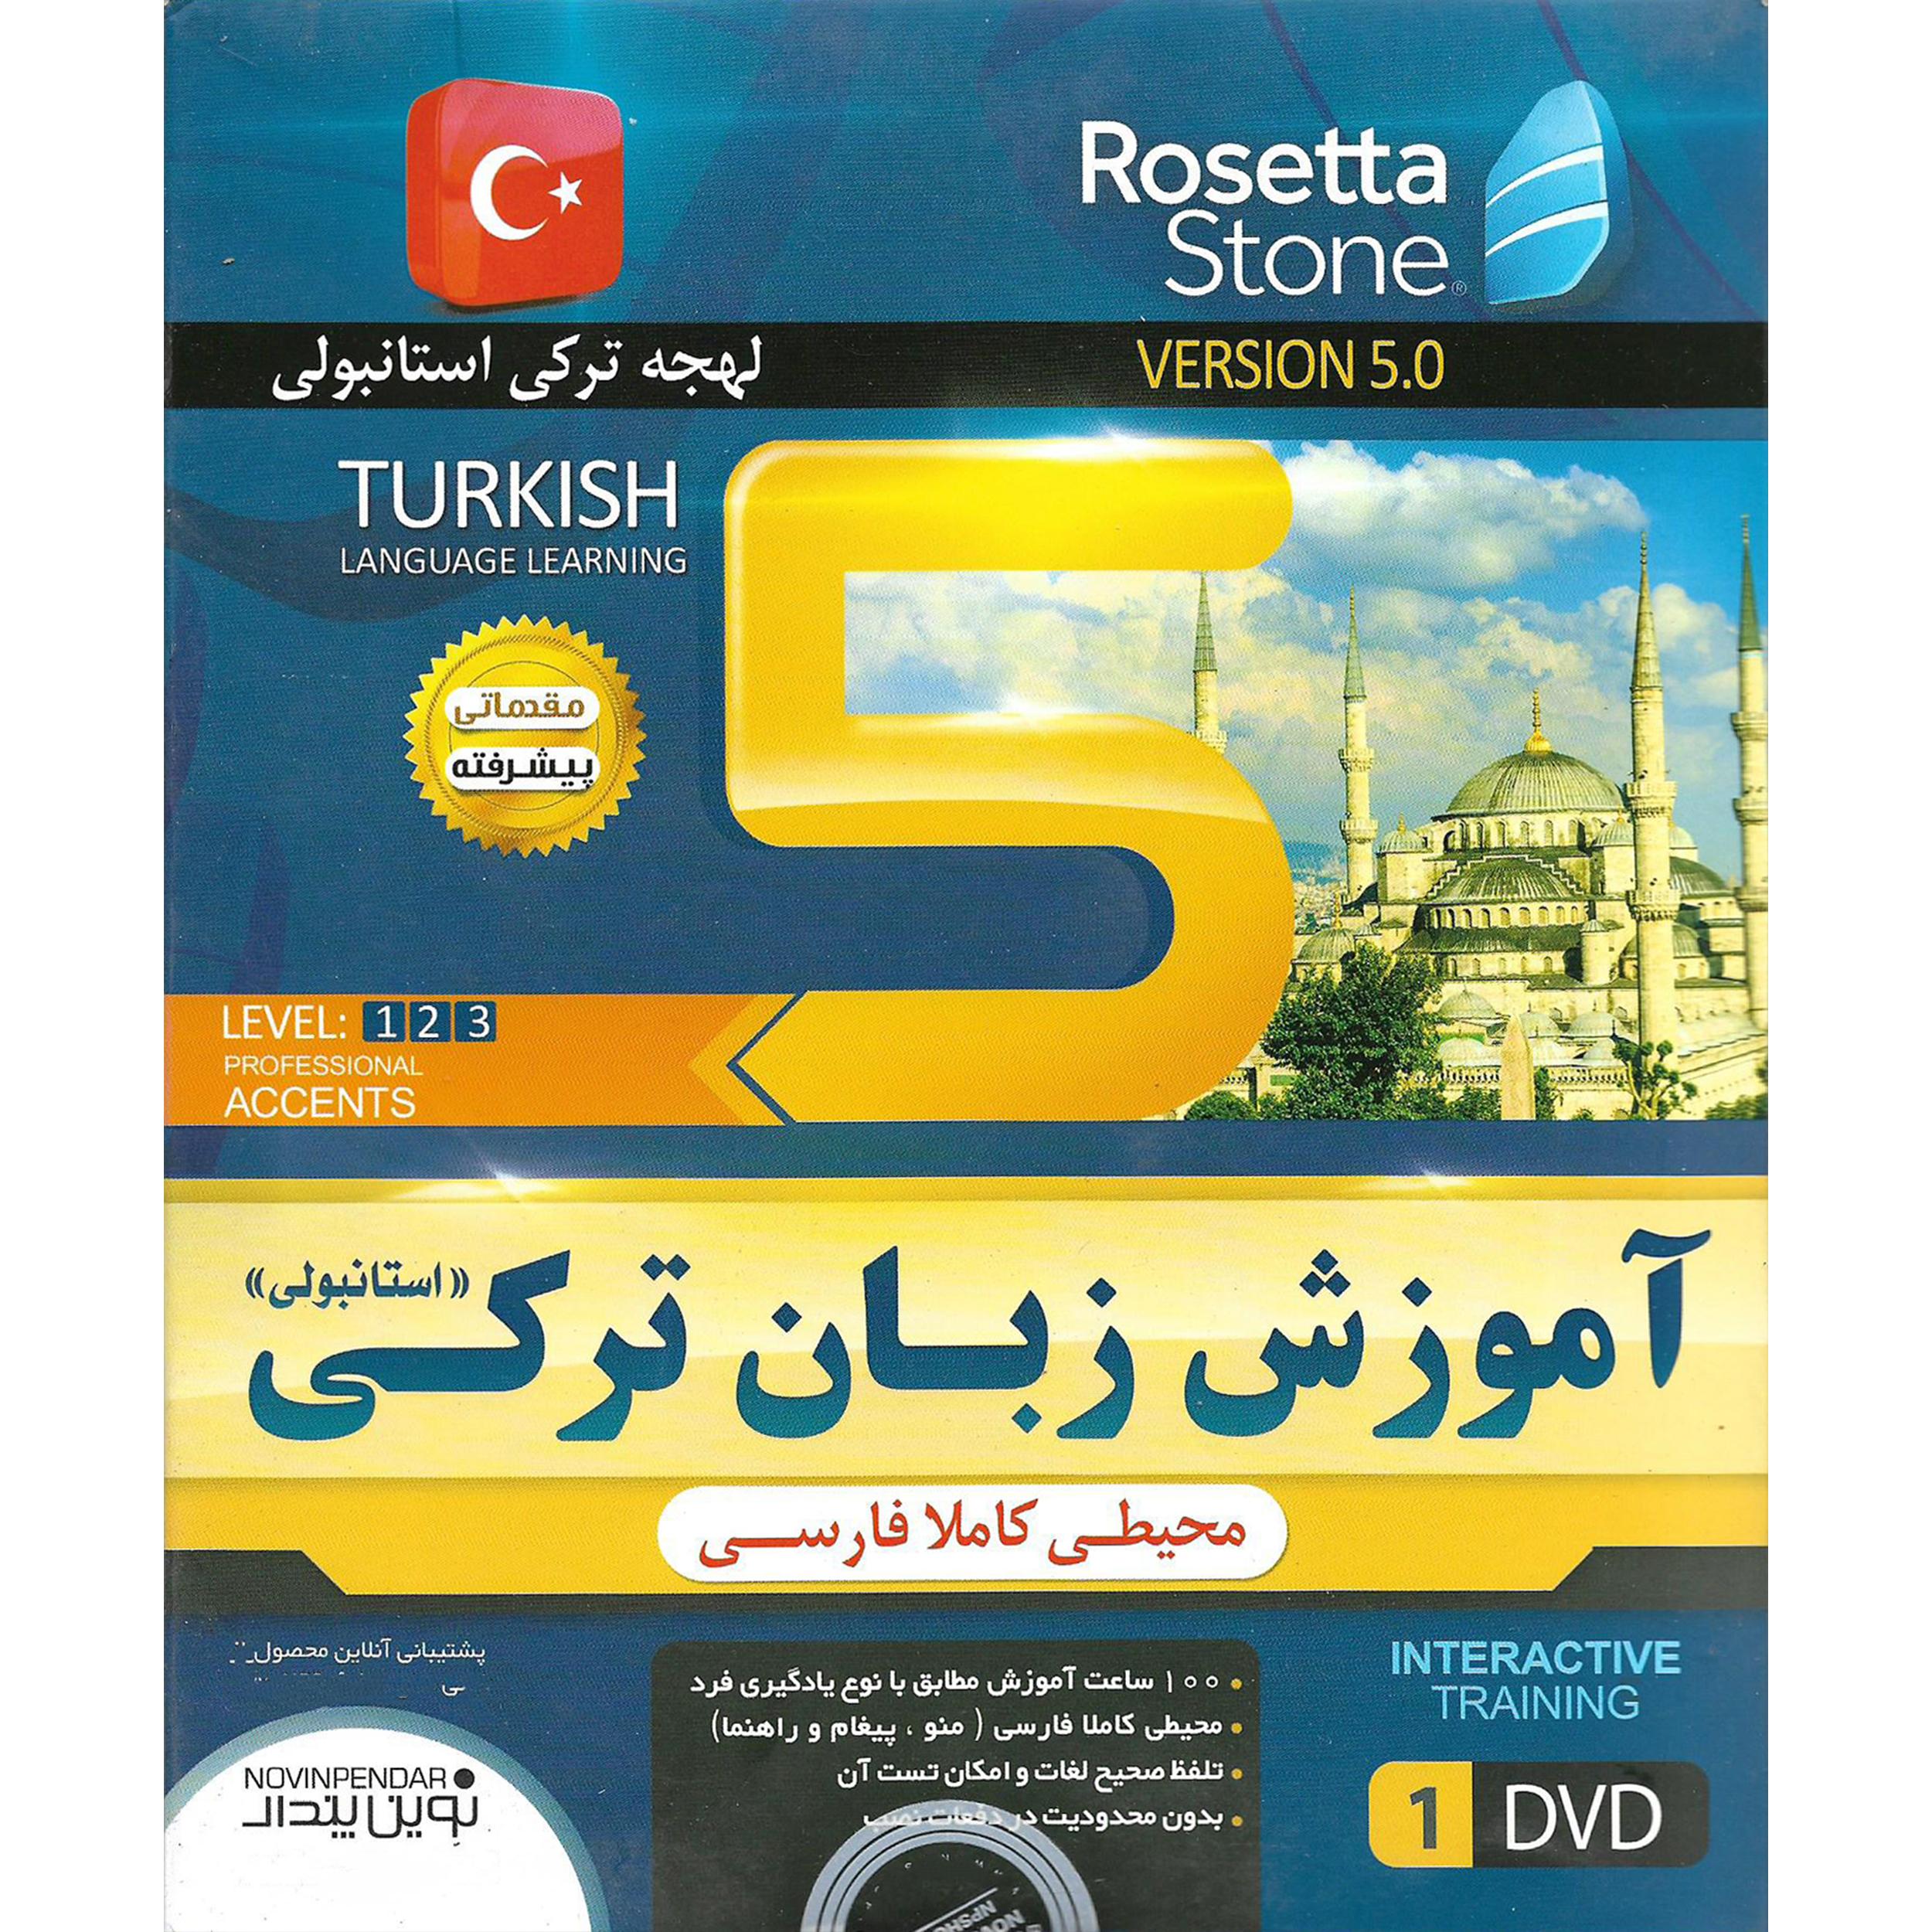 آموزش زبان ترکی استانبولی rosetta stone نشر نوین پندار